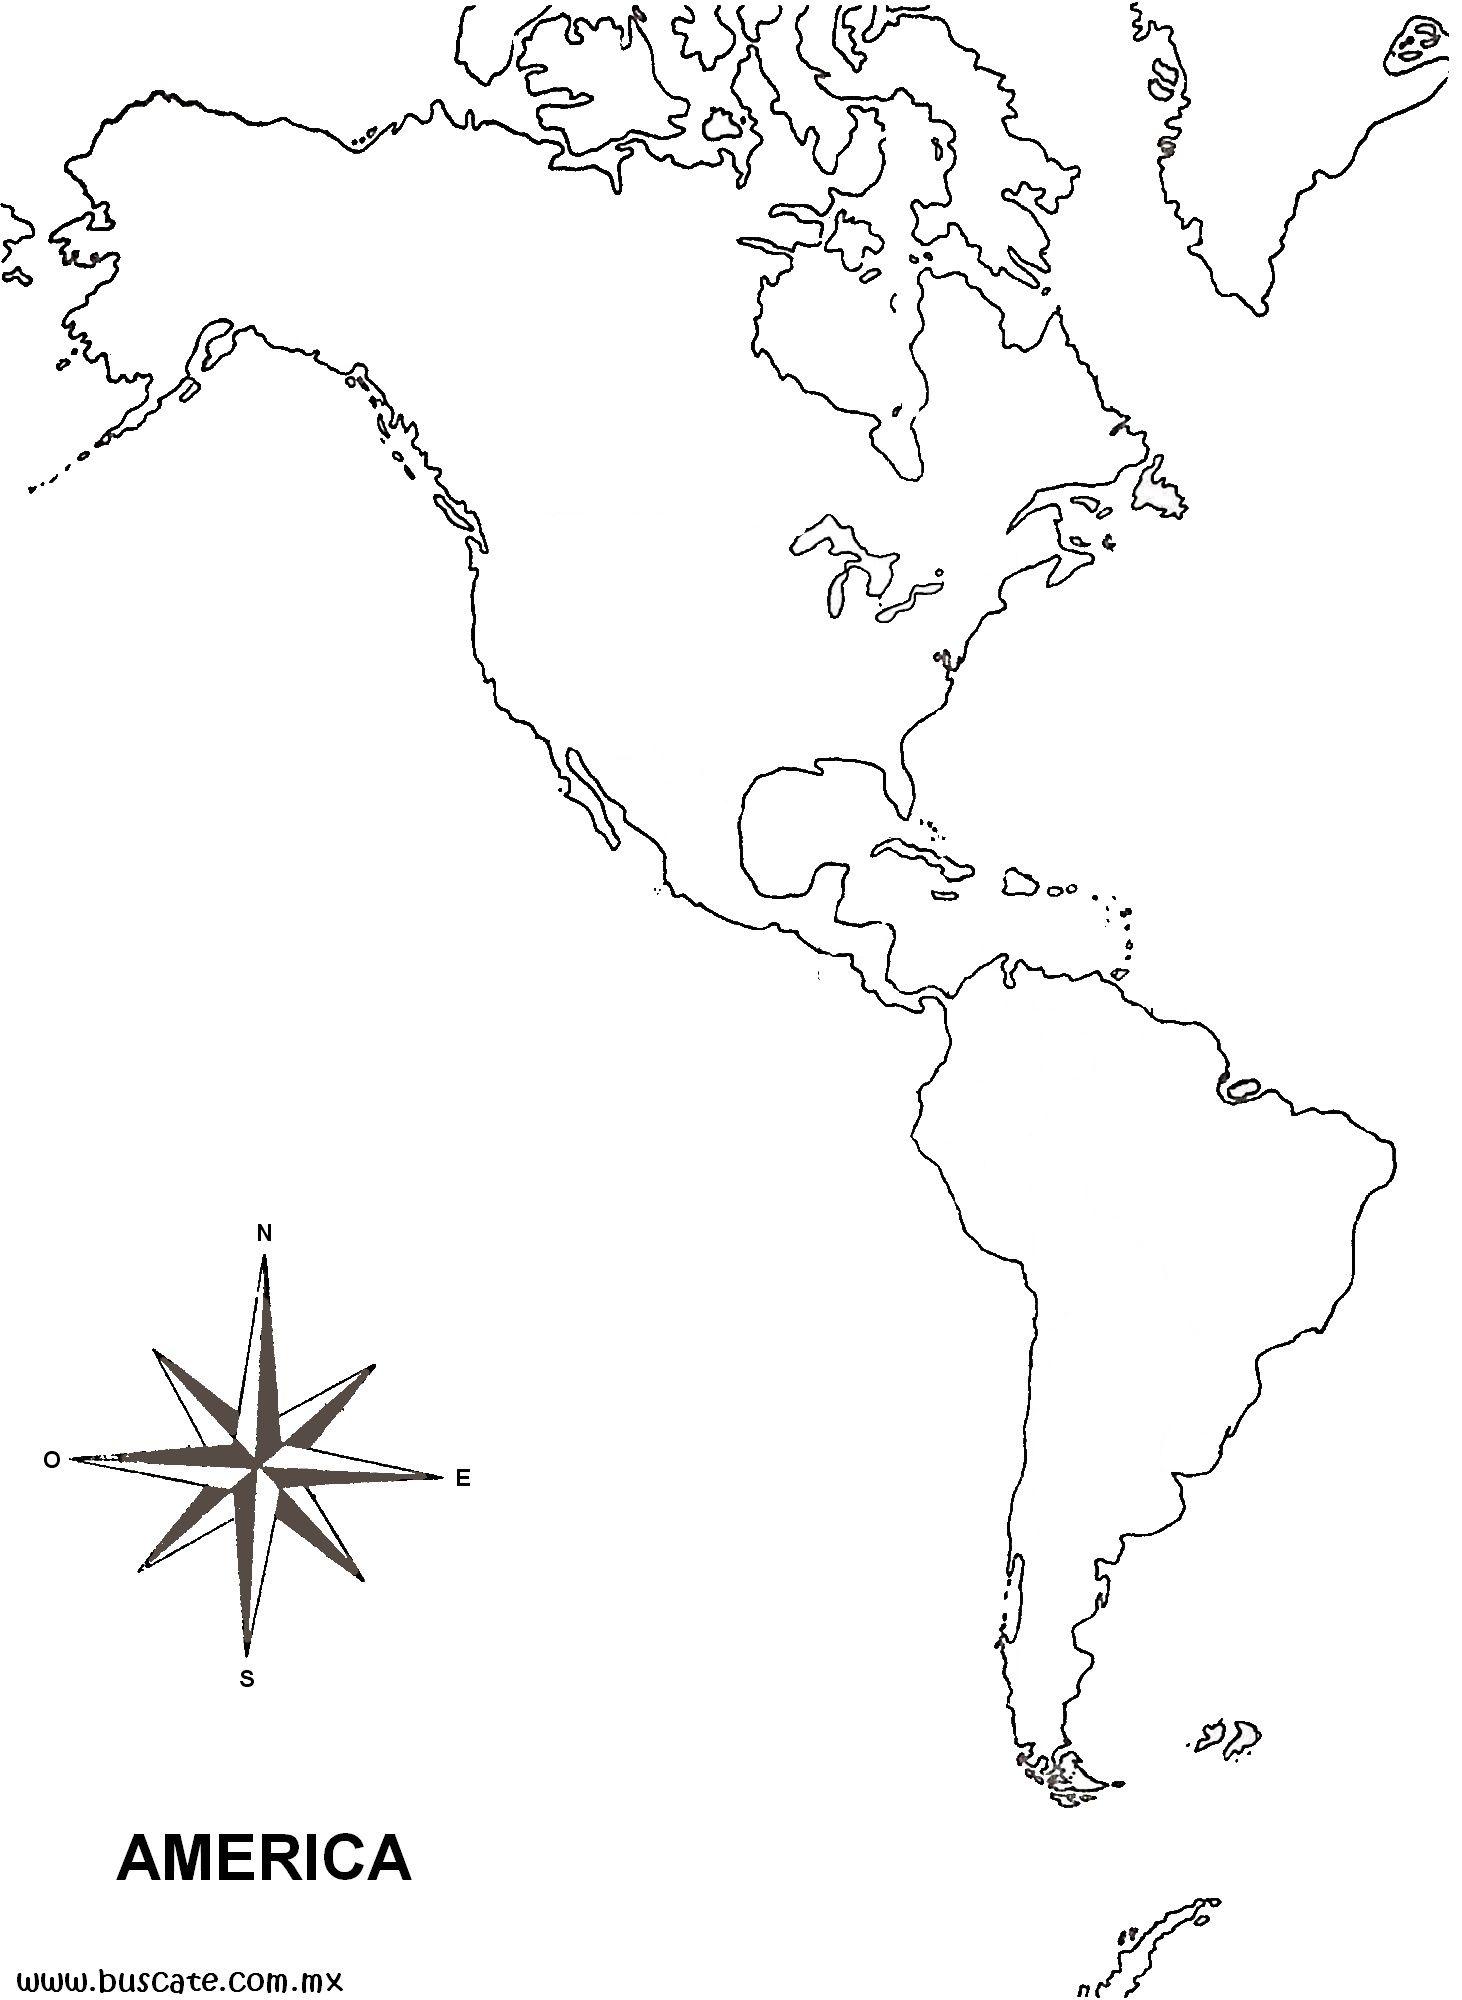 Mapa Mudo De America.Am Rica Mapas Gratuitos Mudos En Blanco In America Latina